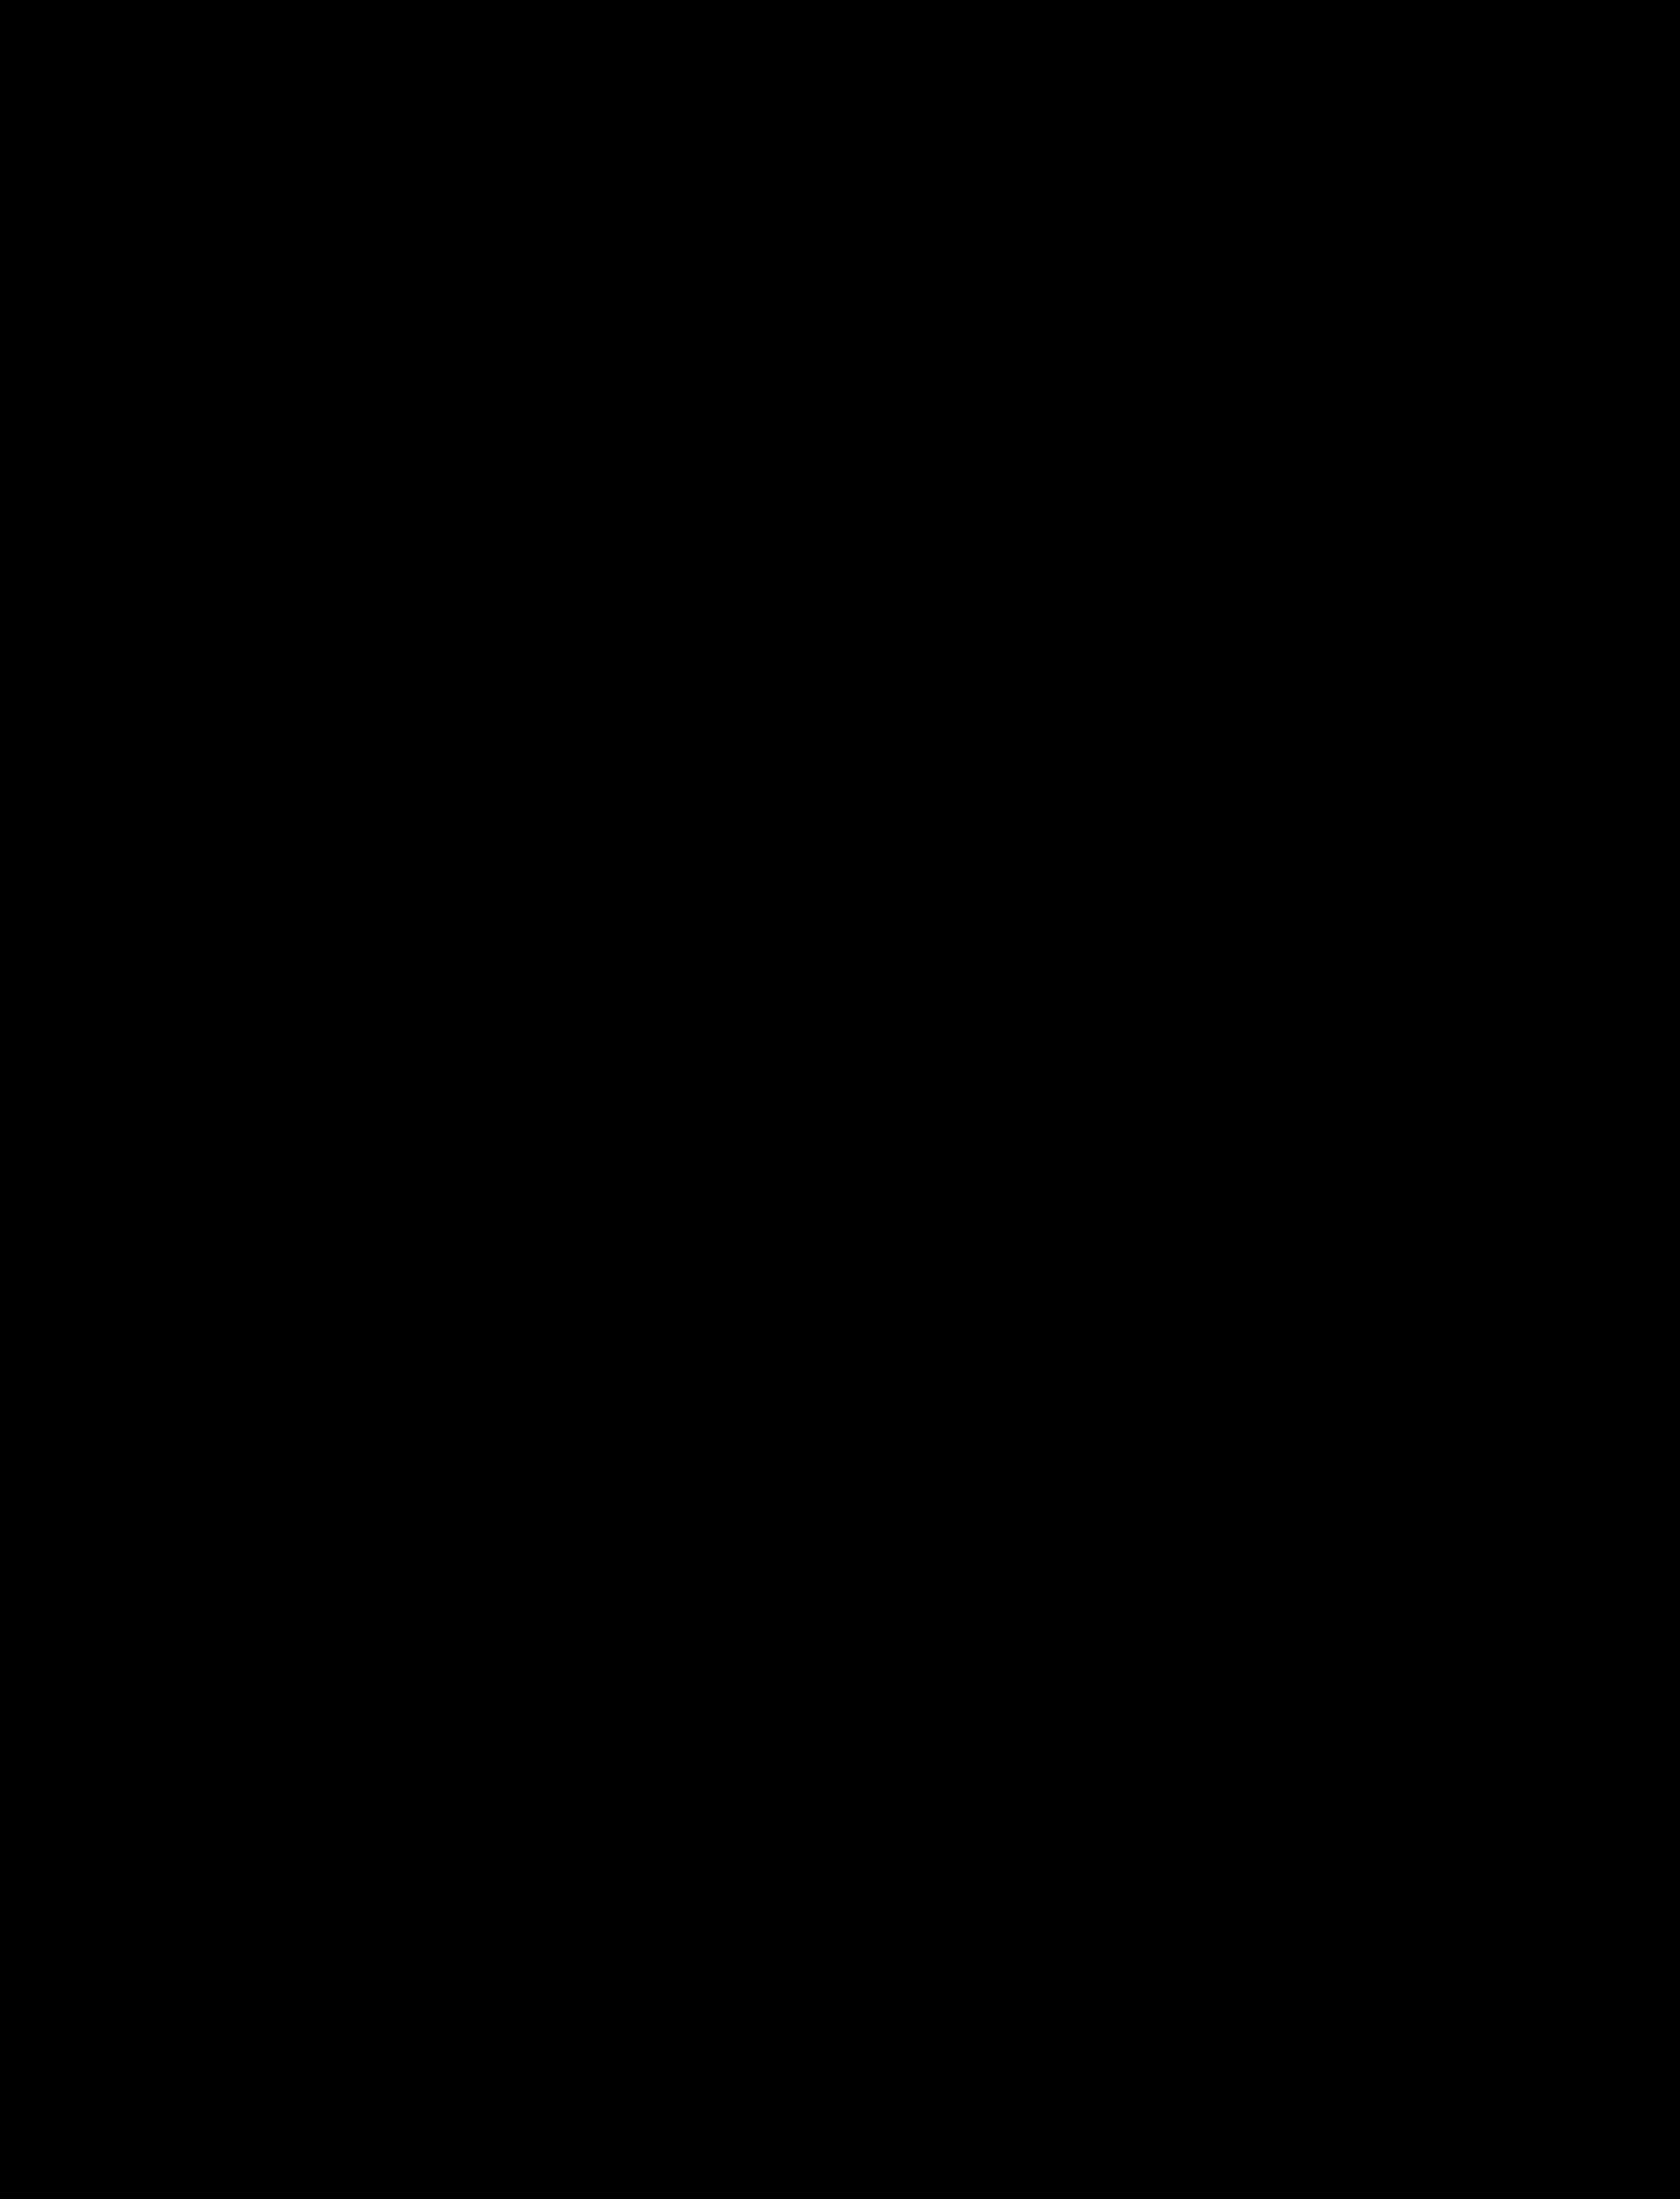 kart sverige norge